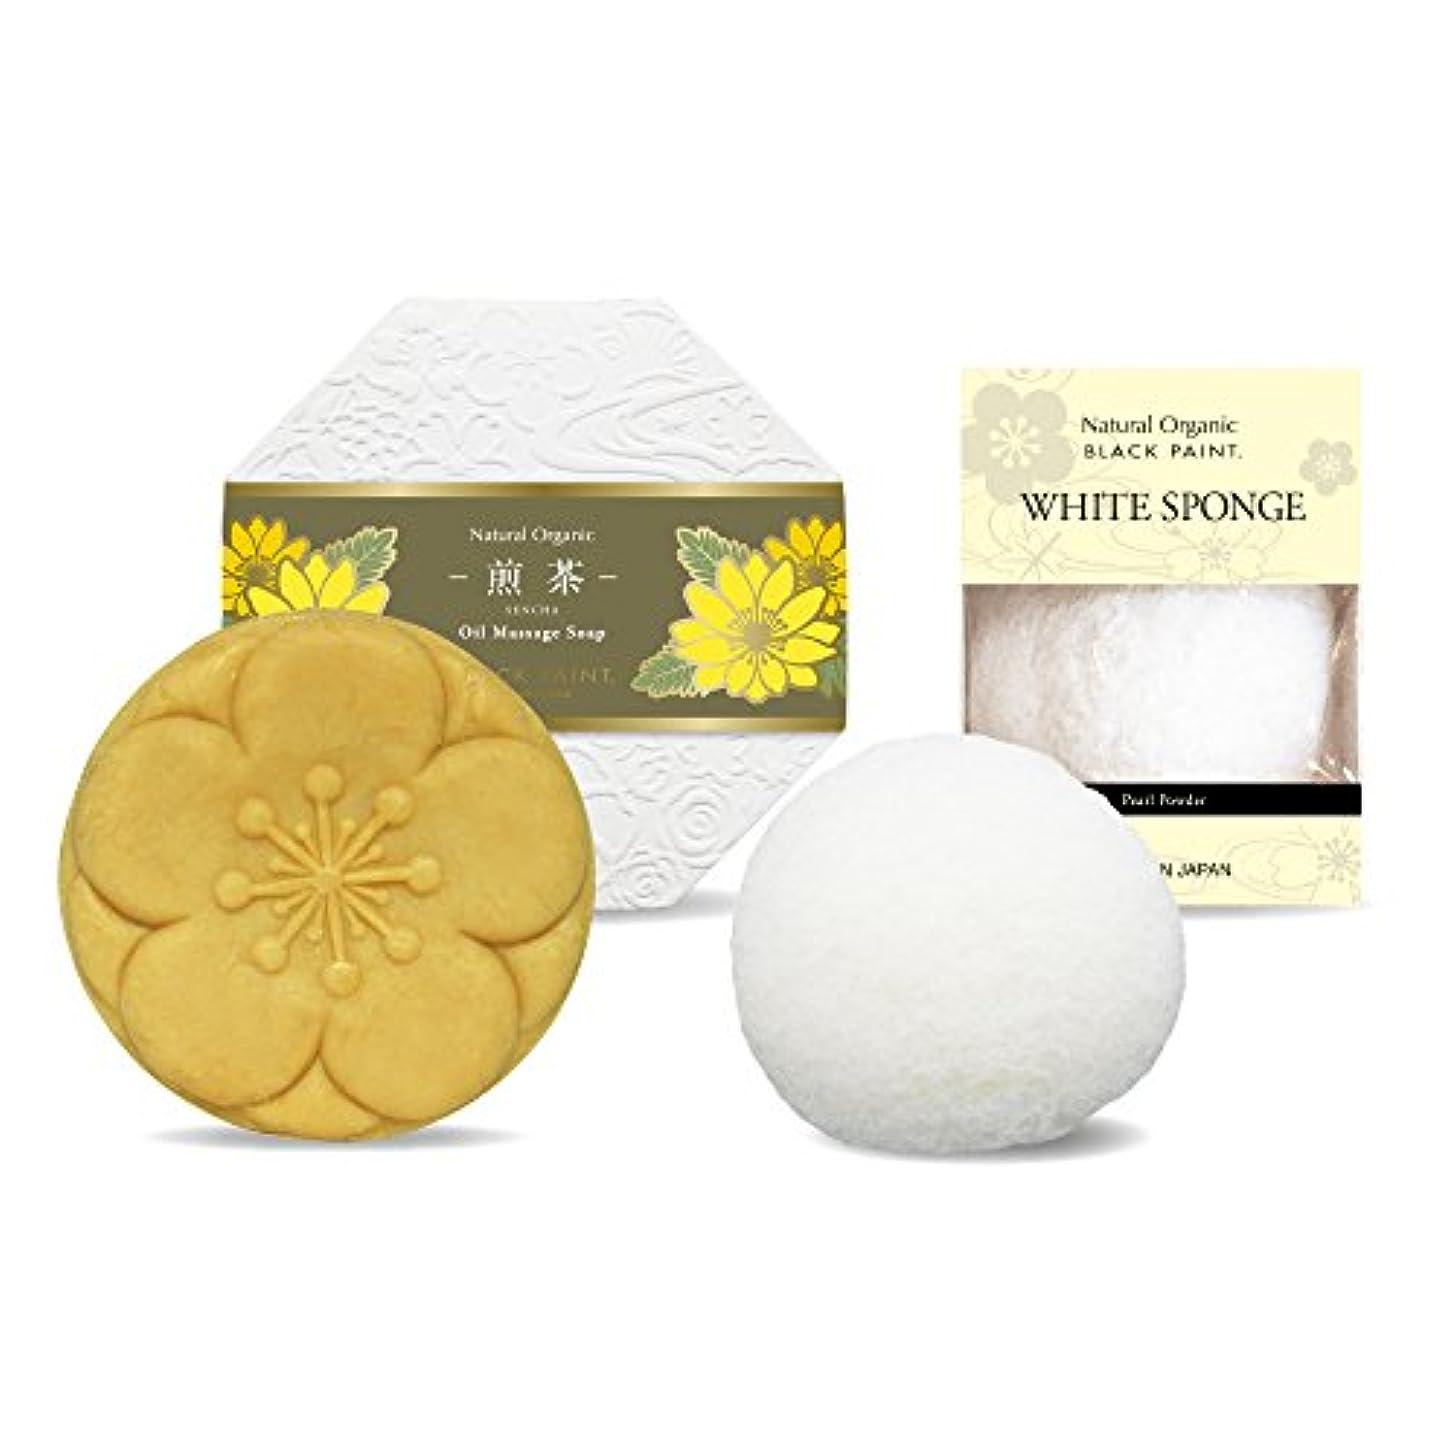 認可和らげるフレームワーク京のお茶石鹸 煎茶120g&ホワイトスポンジ 洗顔セット